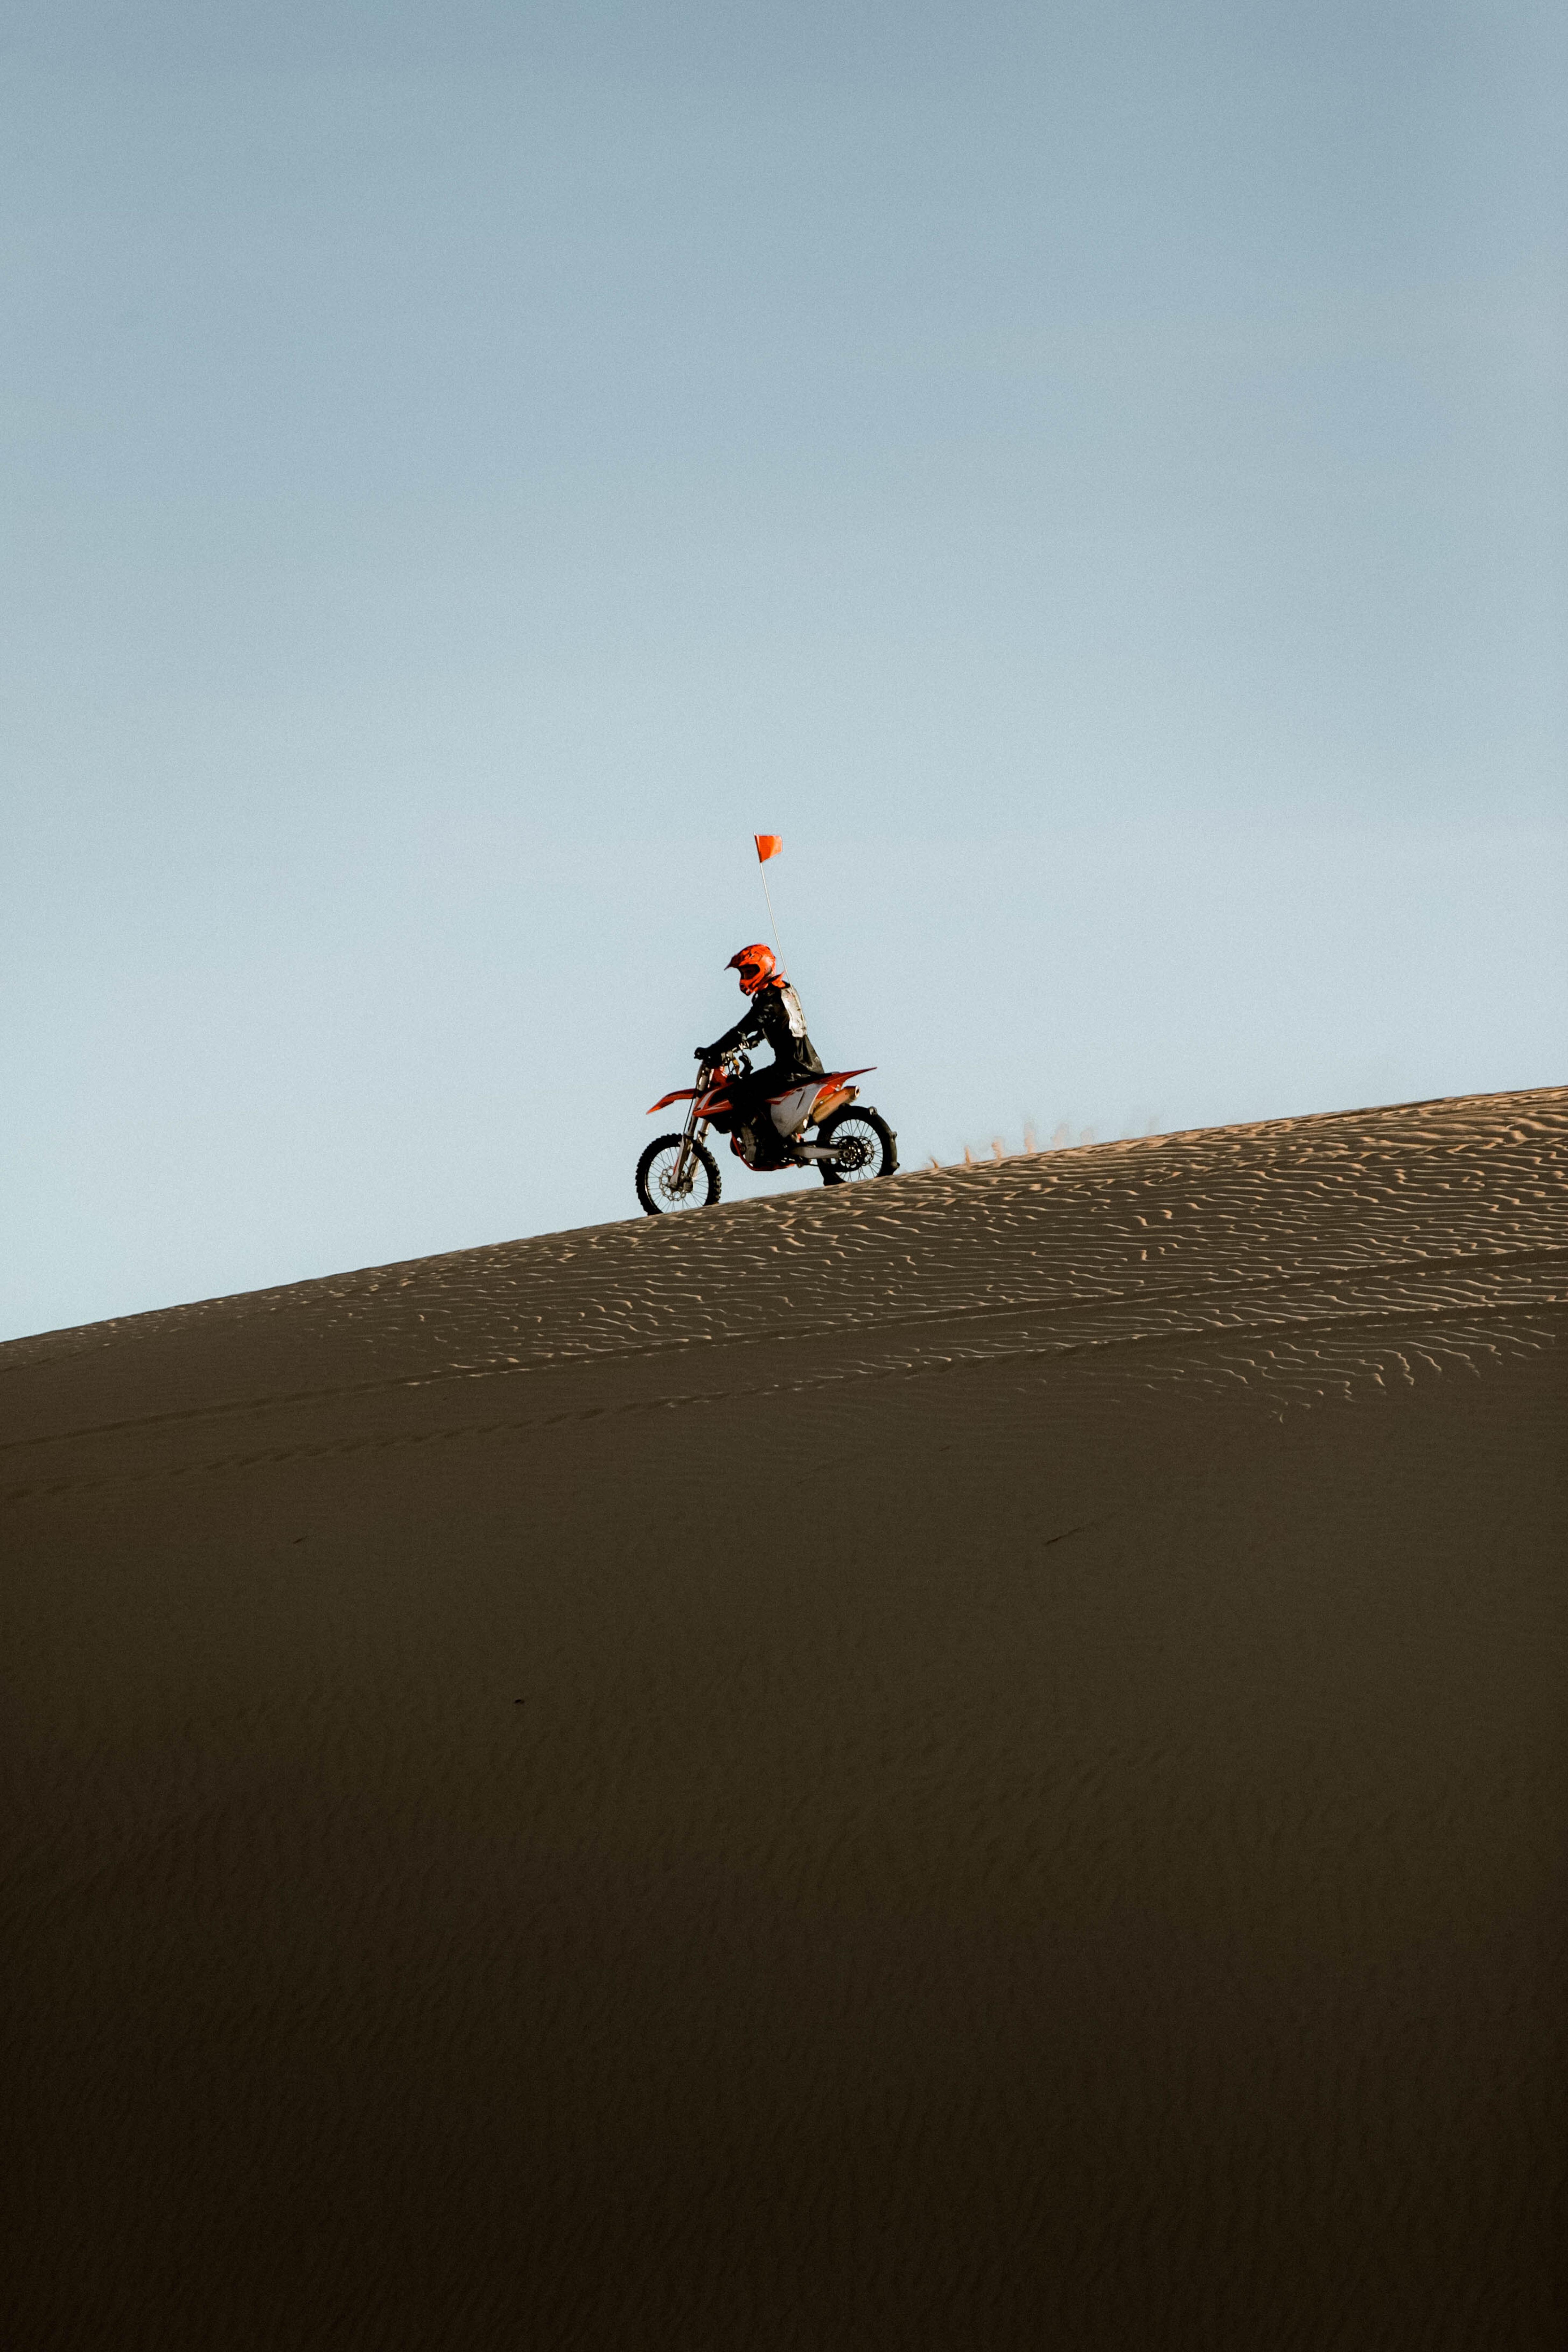 97973 скачать обои Песок, Мотоциклы, Пустыня, Ралли, Мотоциклист, Мотоцикл - заставки и картинки бесплатно